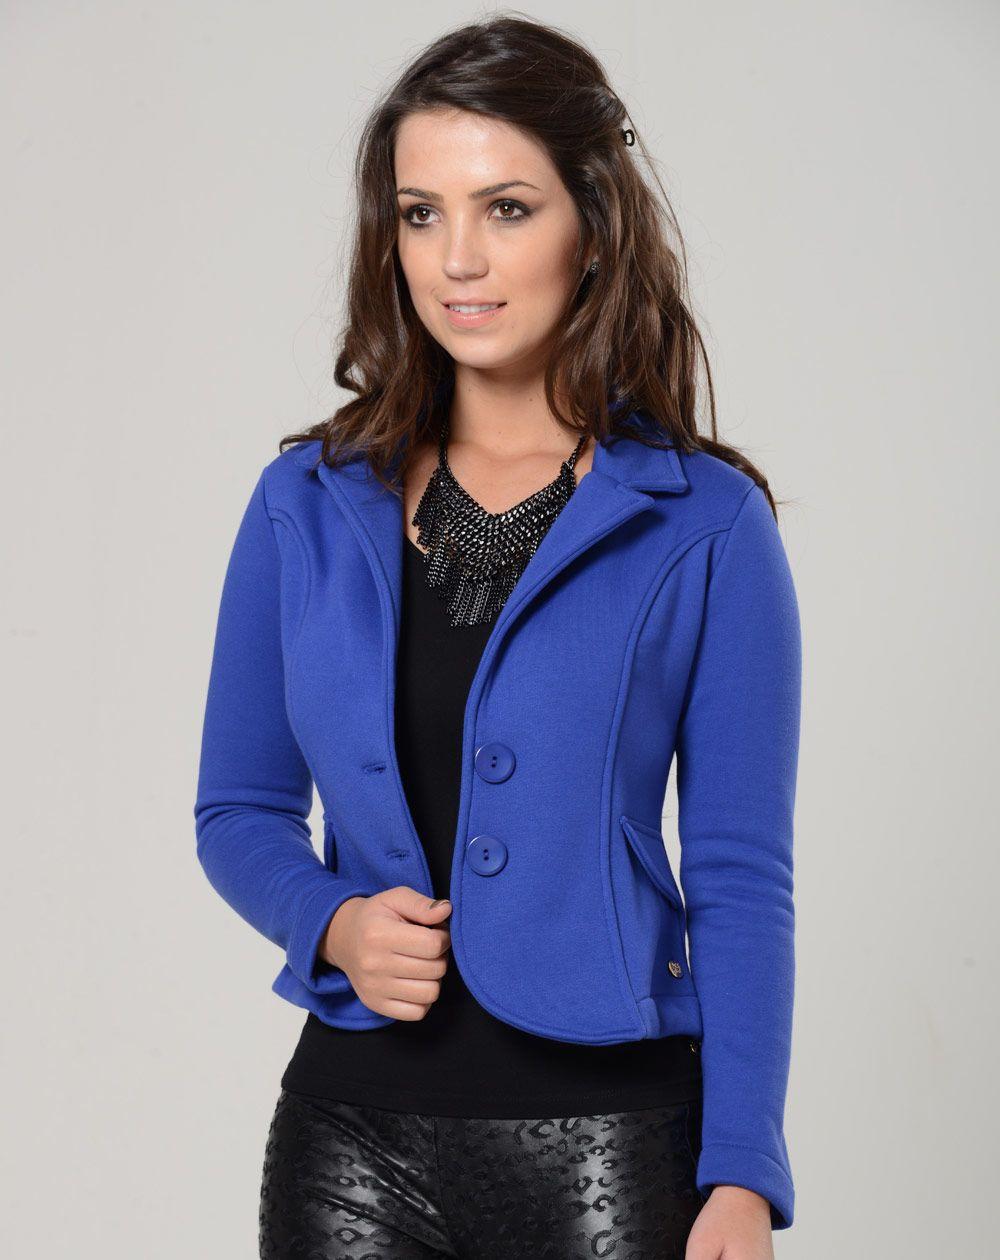 659da5db5 blazer feminino acinturado - Pesquisa Google | Casaquinhos | Blusa ...